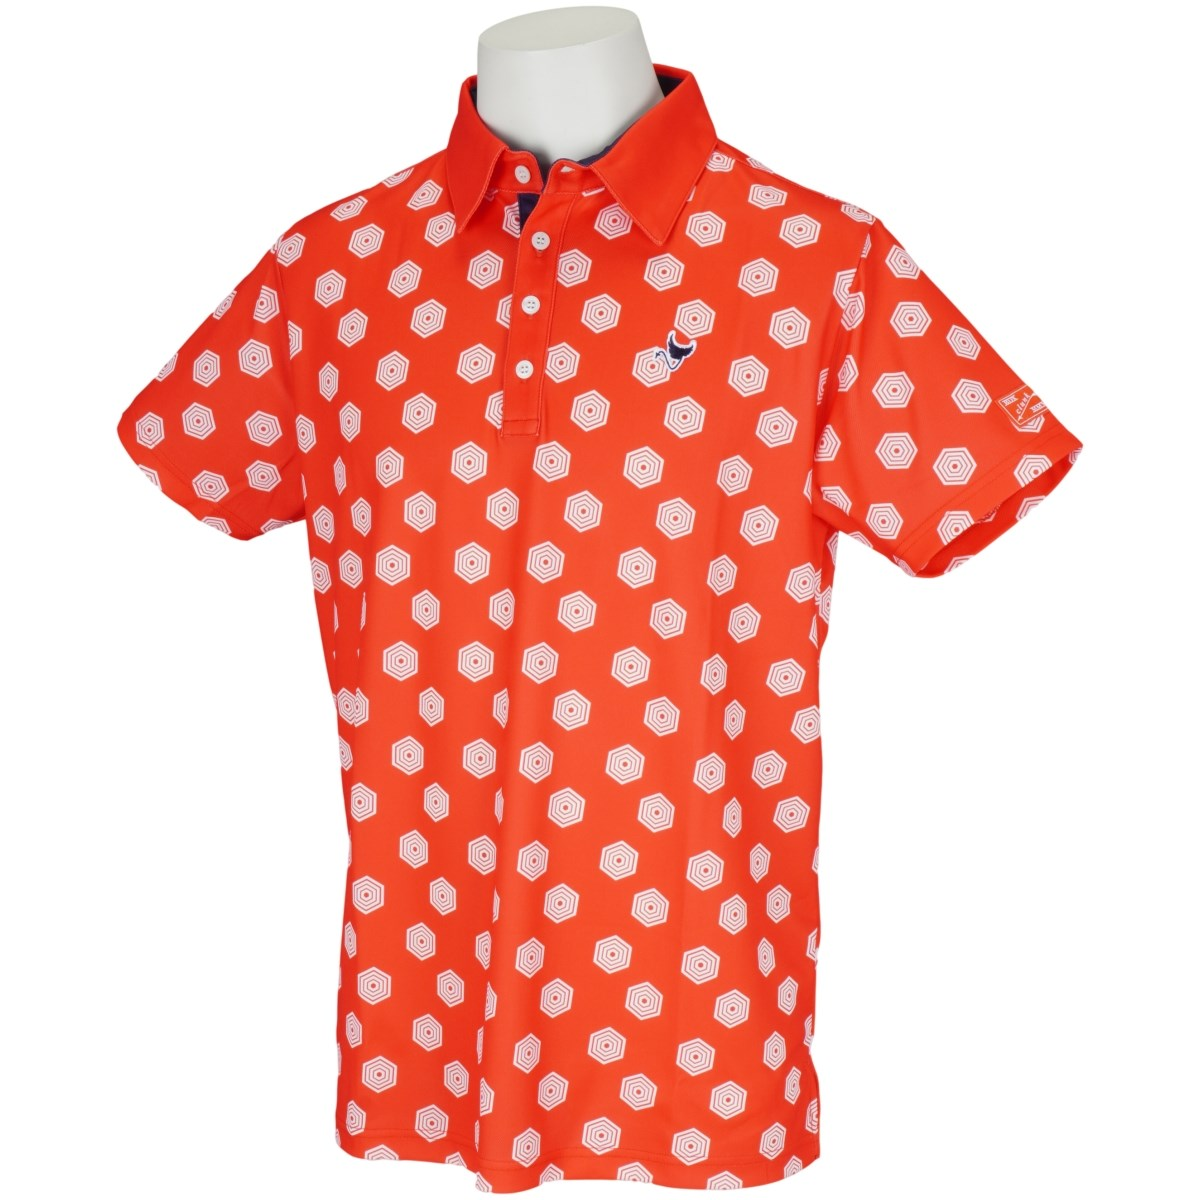 クランク(Clunk) PARASOL 長袖ポロシャツ